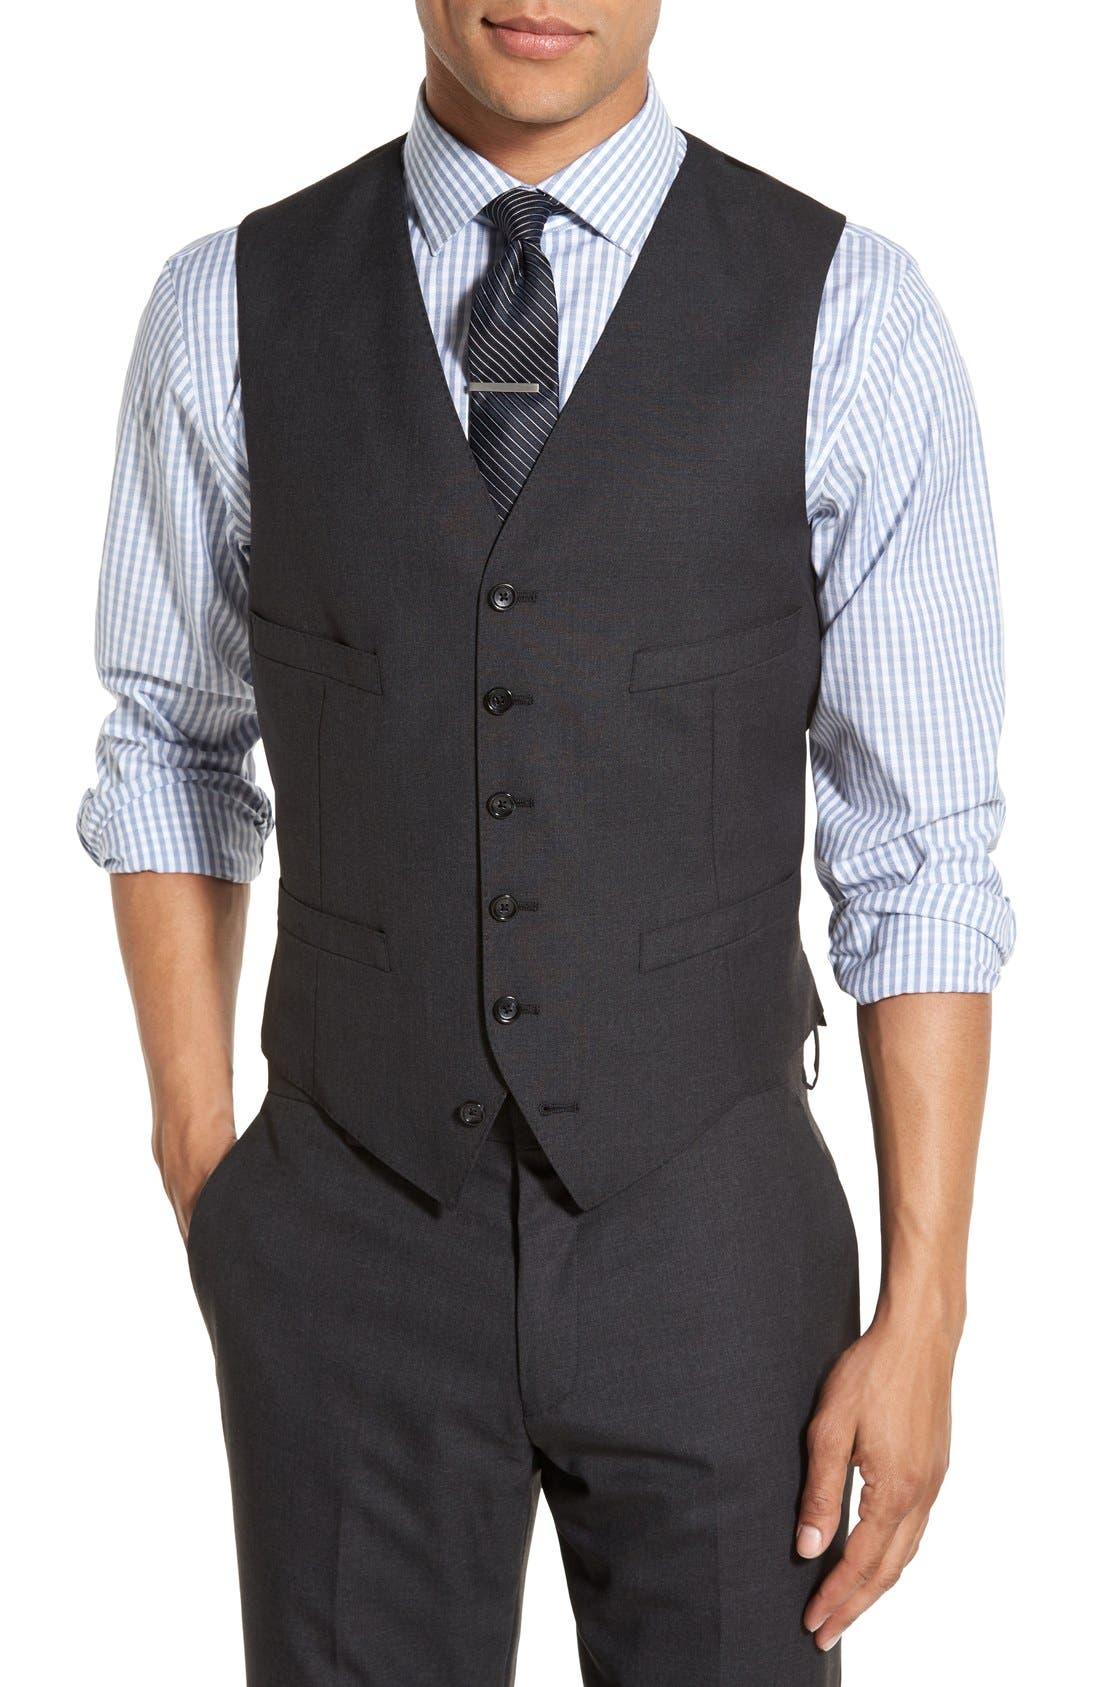 Main Image - J.Crew Ludlow Trim Fit Solid Wool Vest